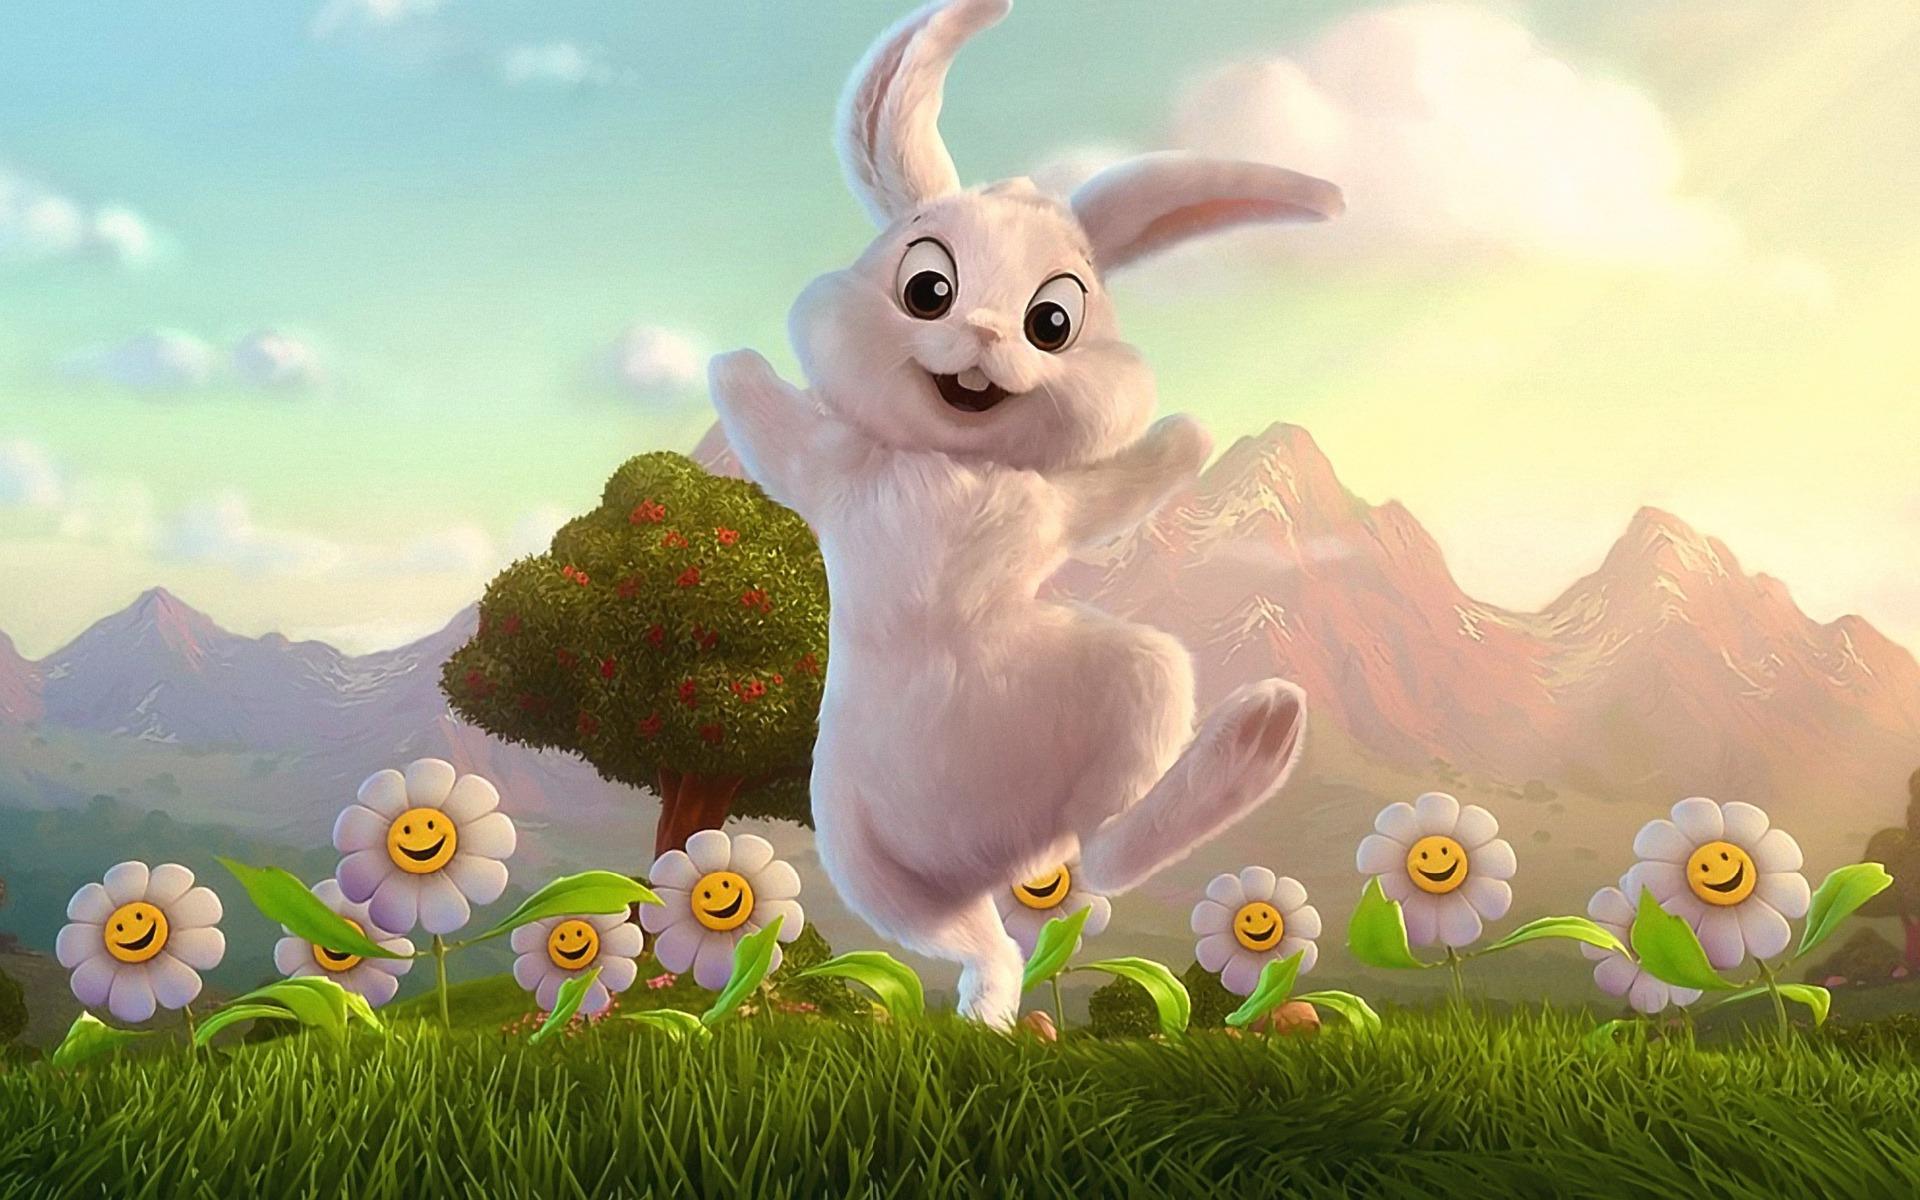 drôle de lapin Personnage de dessin animé - Fonds d'écran HD Aperçu | 10wallpaper.com